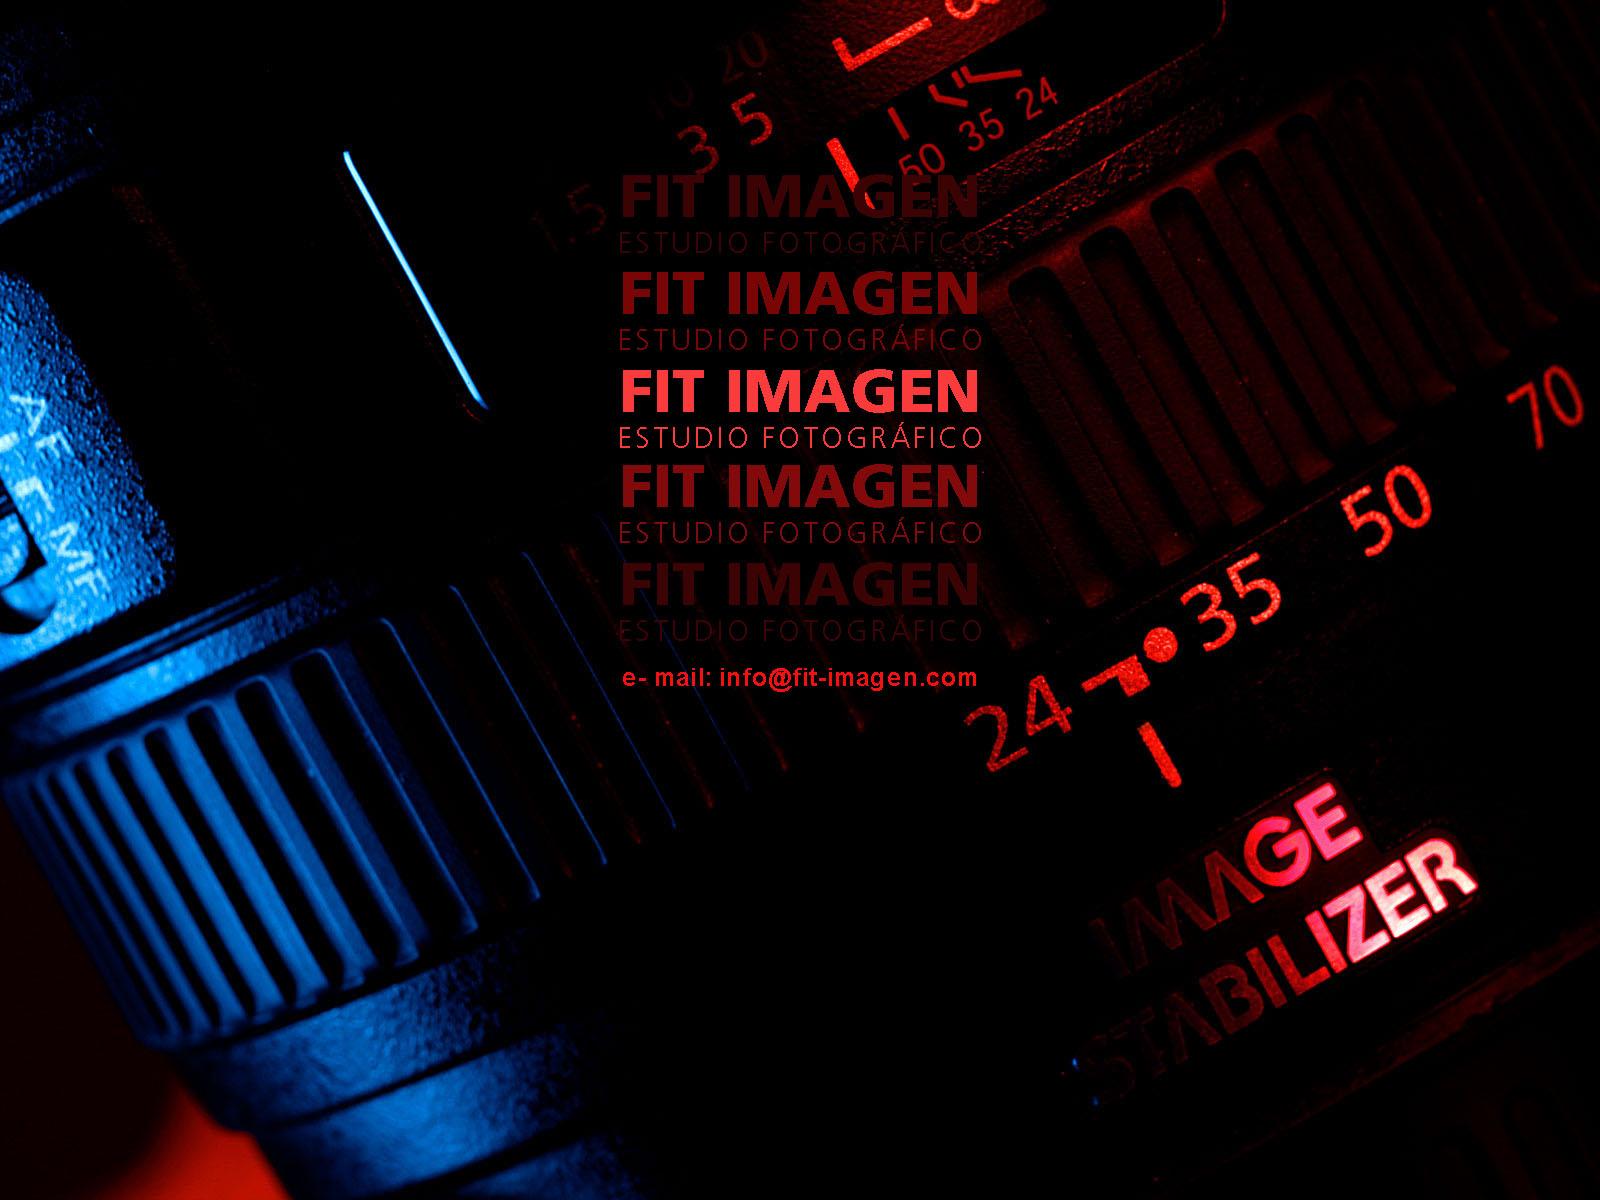 logotipo de FIT IMAGEN SL